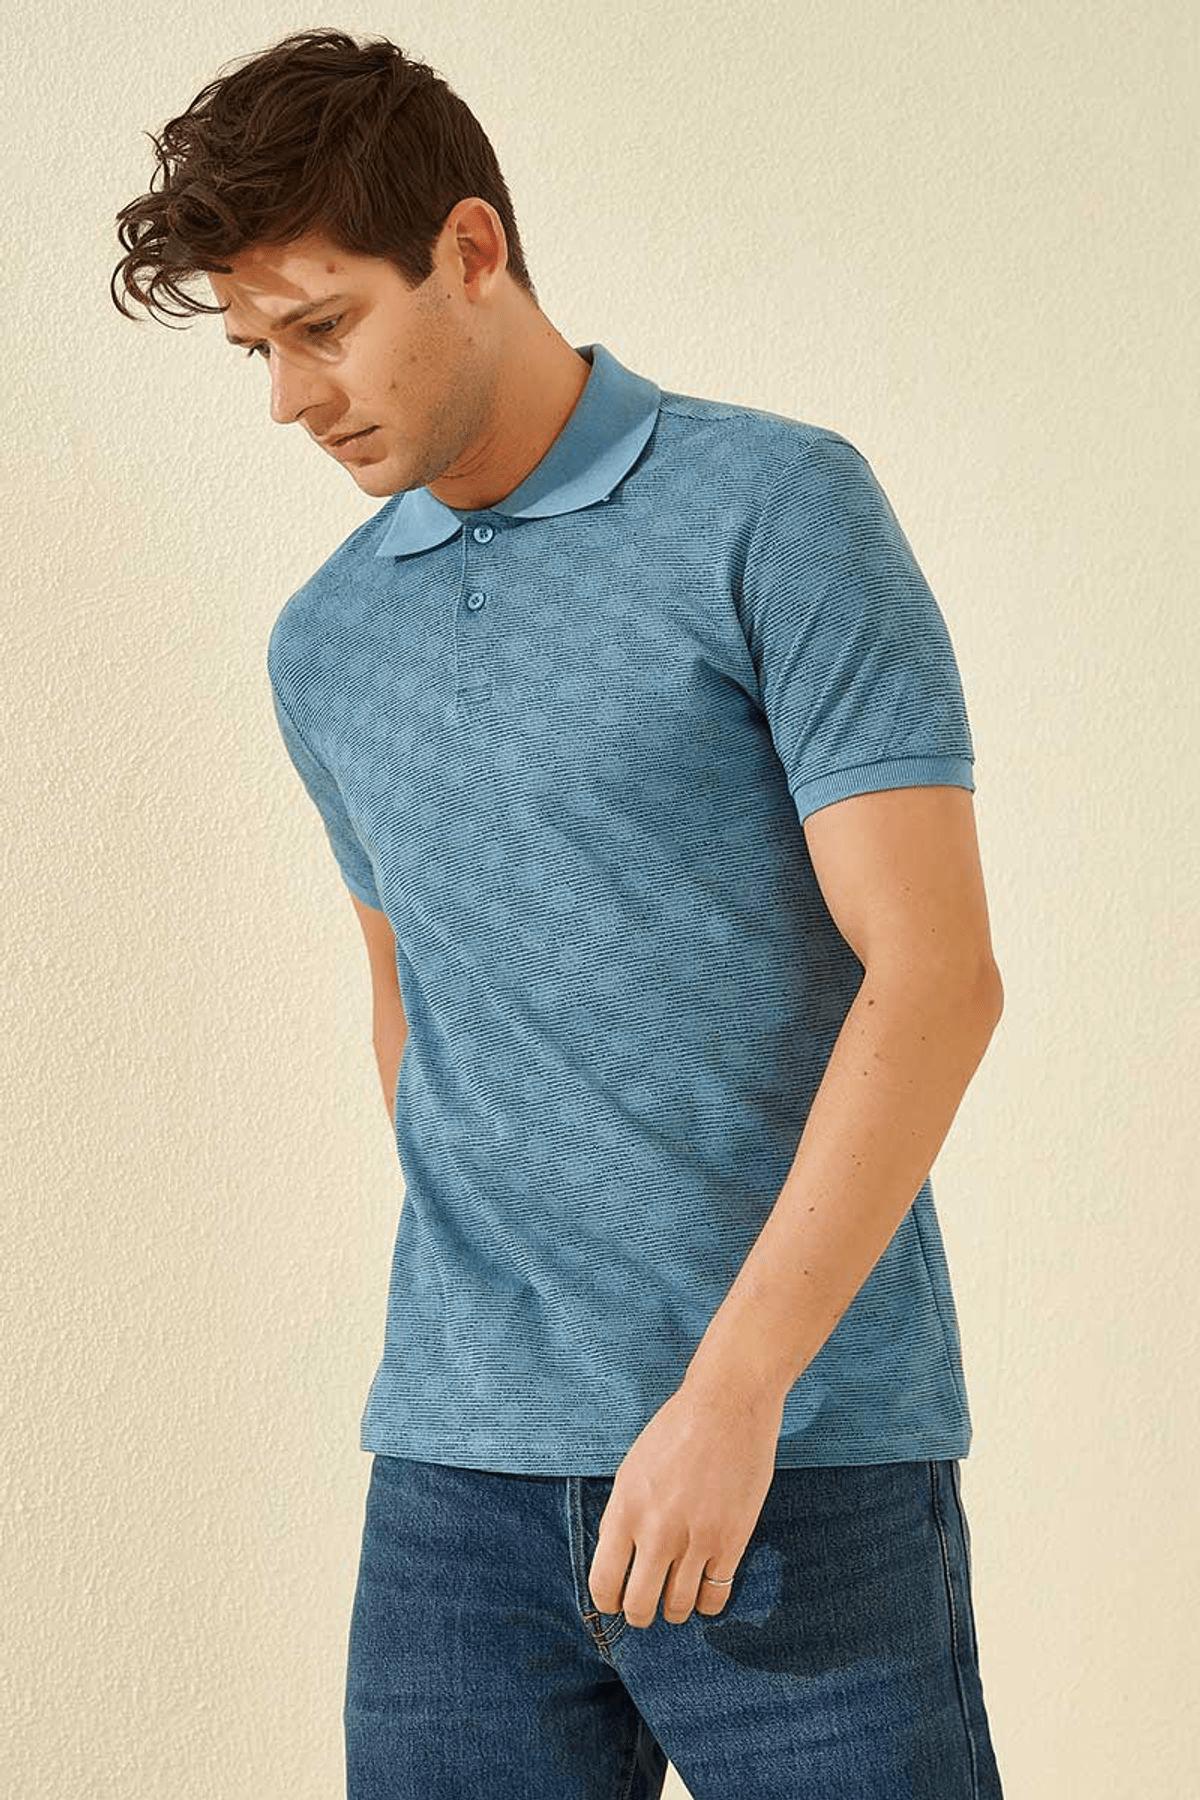 Tommy Life Baskılı Polo Yaka Kirli Mavi Erkek T-Shirt T08ER-87796_1 2